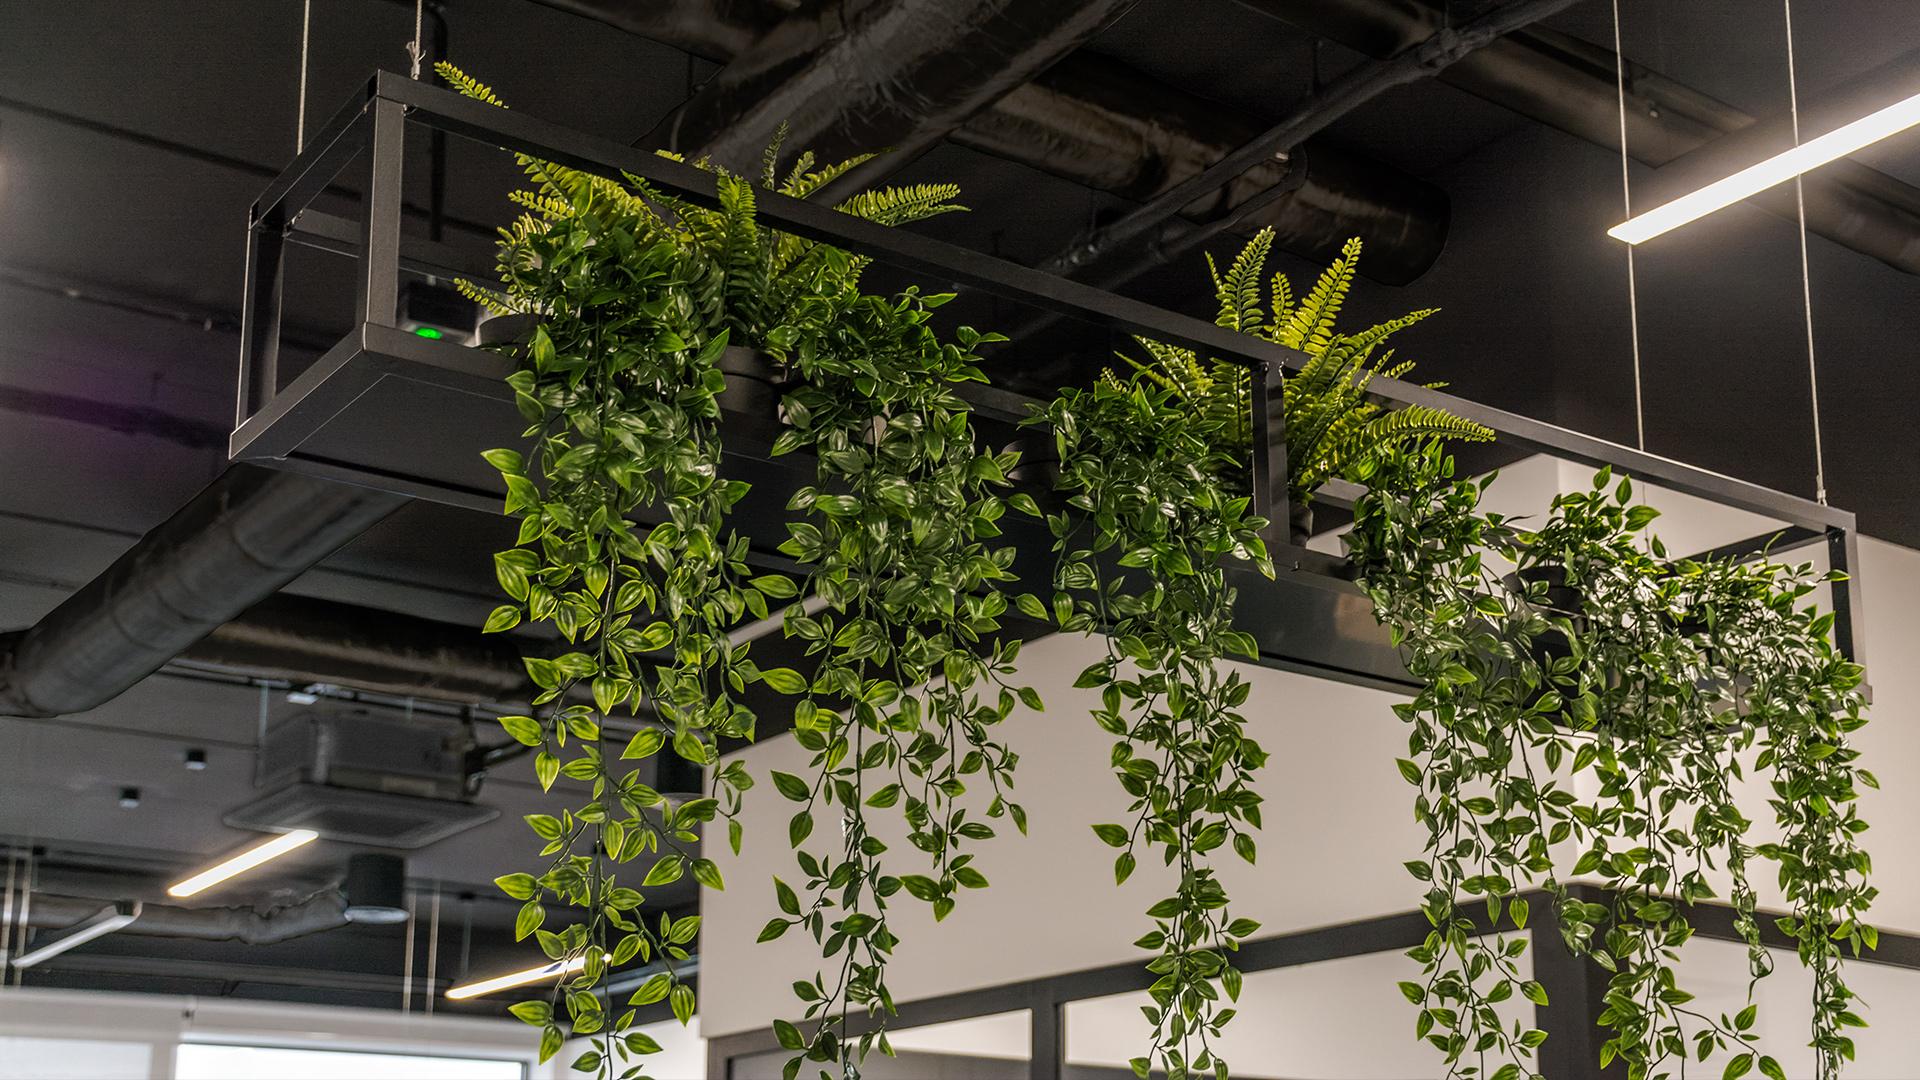 Wiszące kwietniki zostały zaprojektowane specjalnie dla open space naszego klienta. Ich prosta forma doskonale eksponuje rośliny w biurowym wnętrzu.